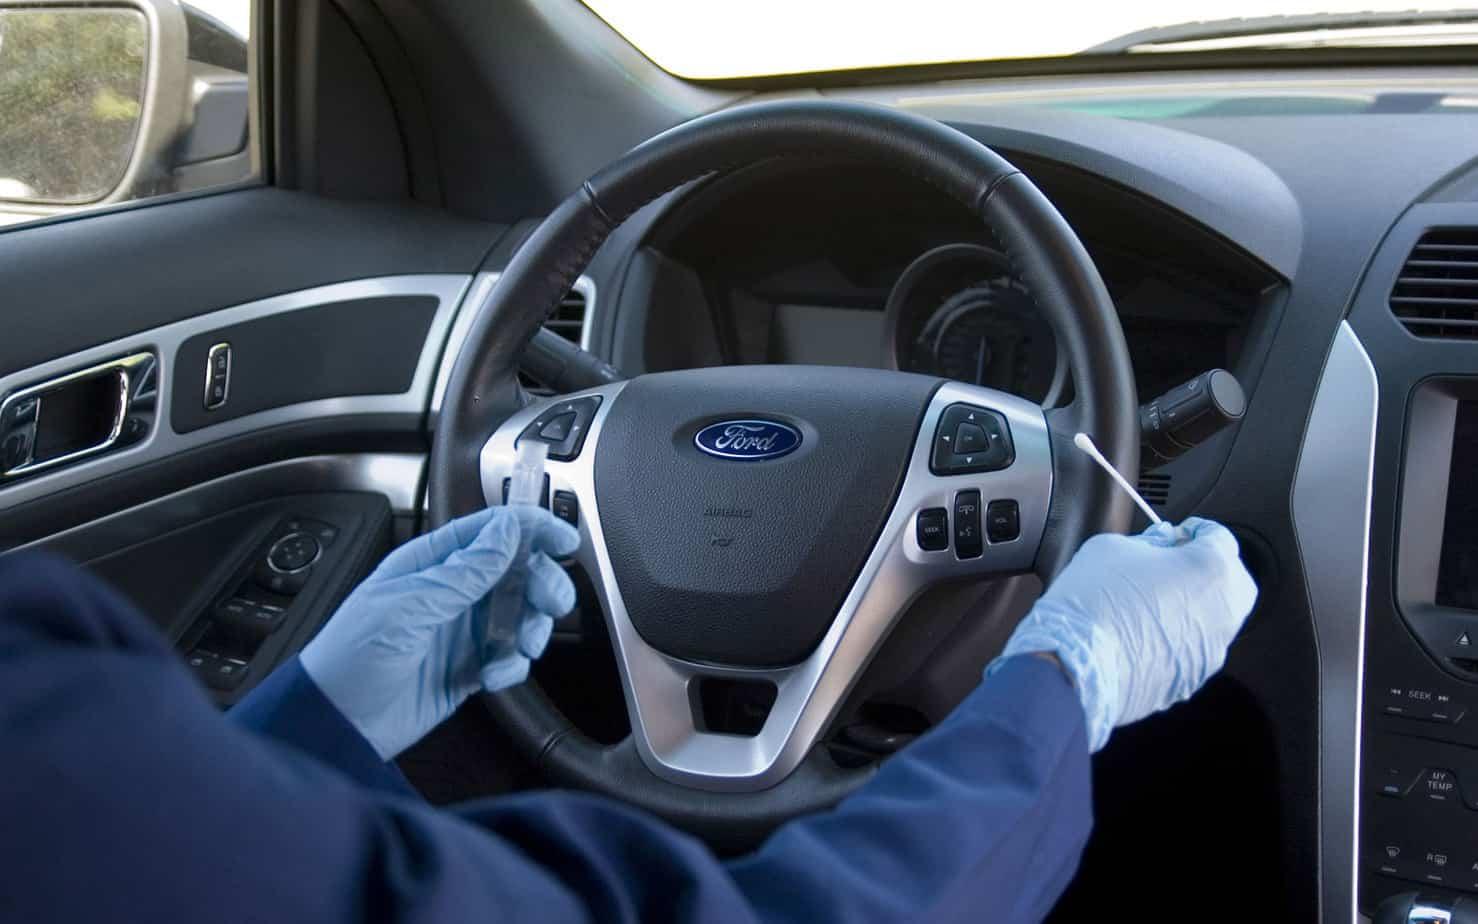 Các vấn đề bạn cần quan tâm khi vệ sinh, bảo dưỡng nội thất xe ôtô